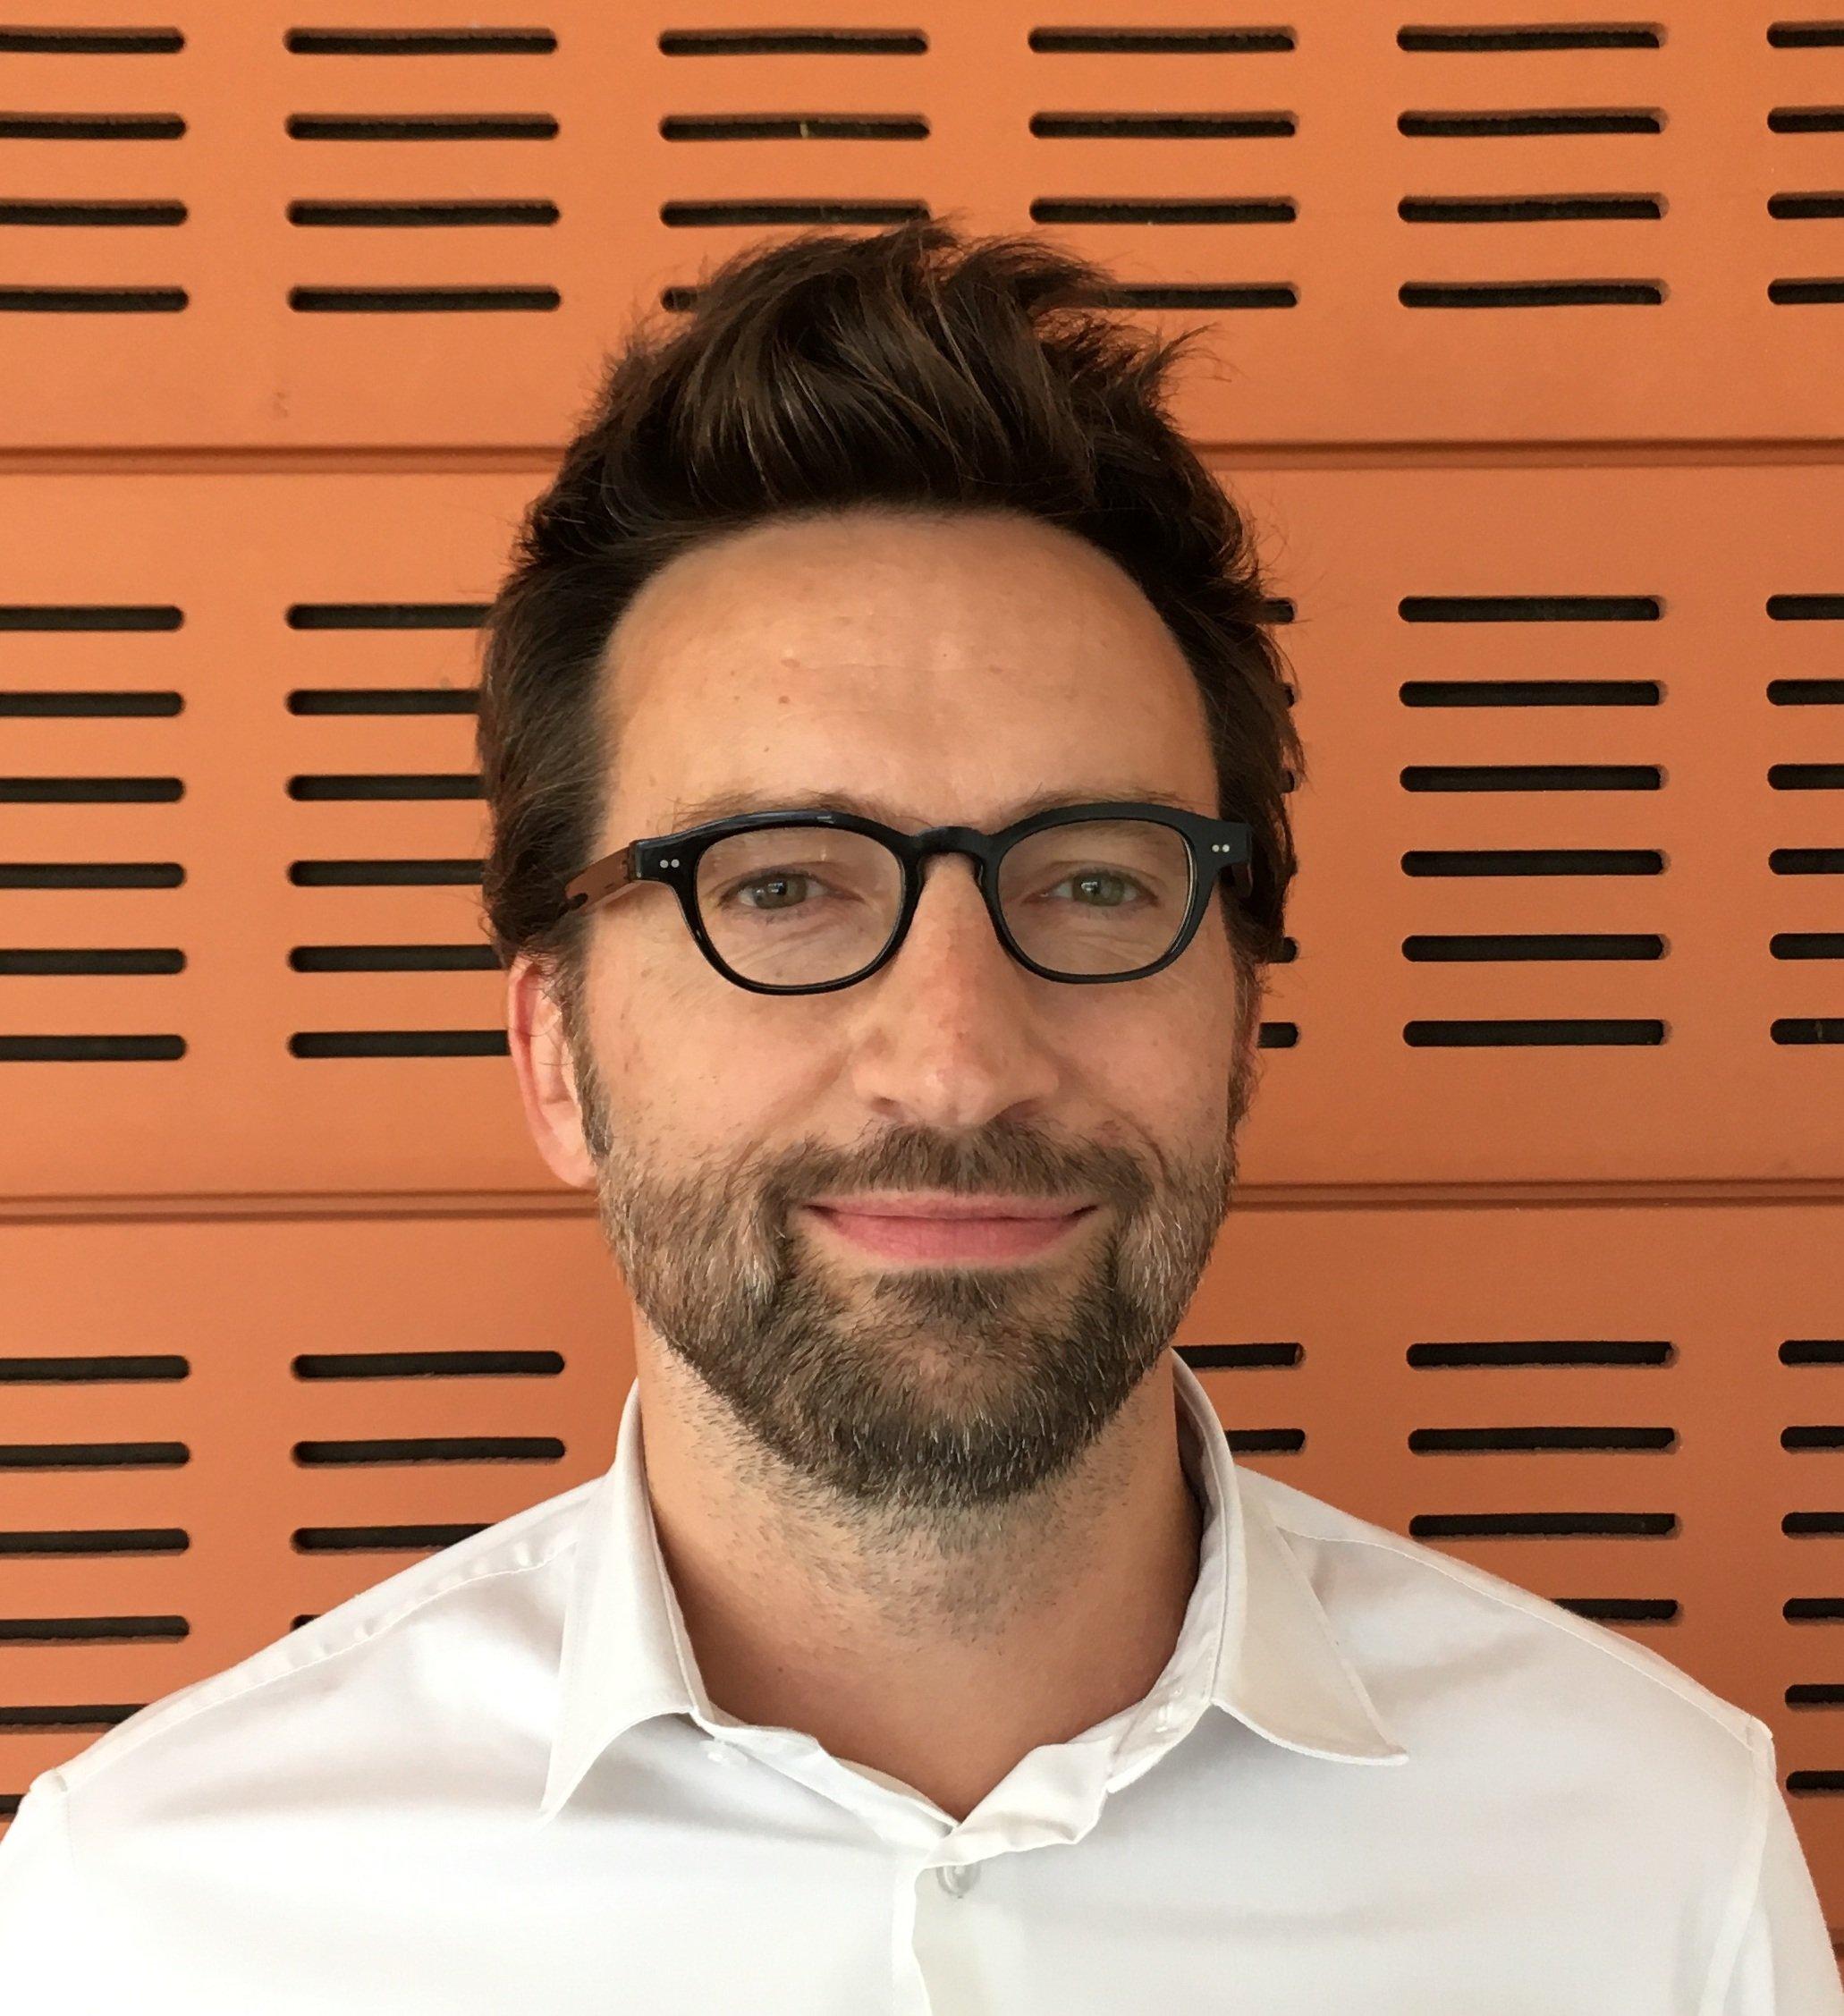 Benoît_Duretz_SuperGrid_Institute